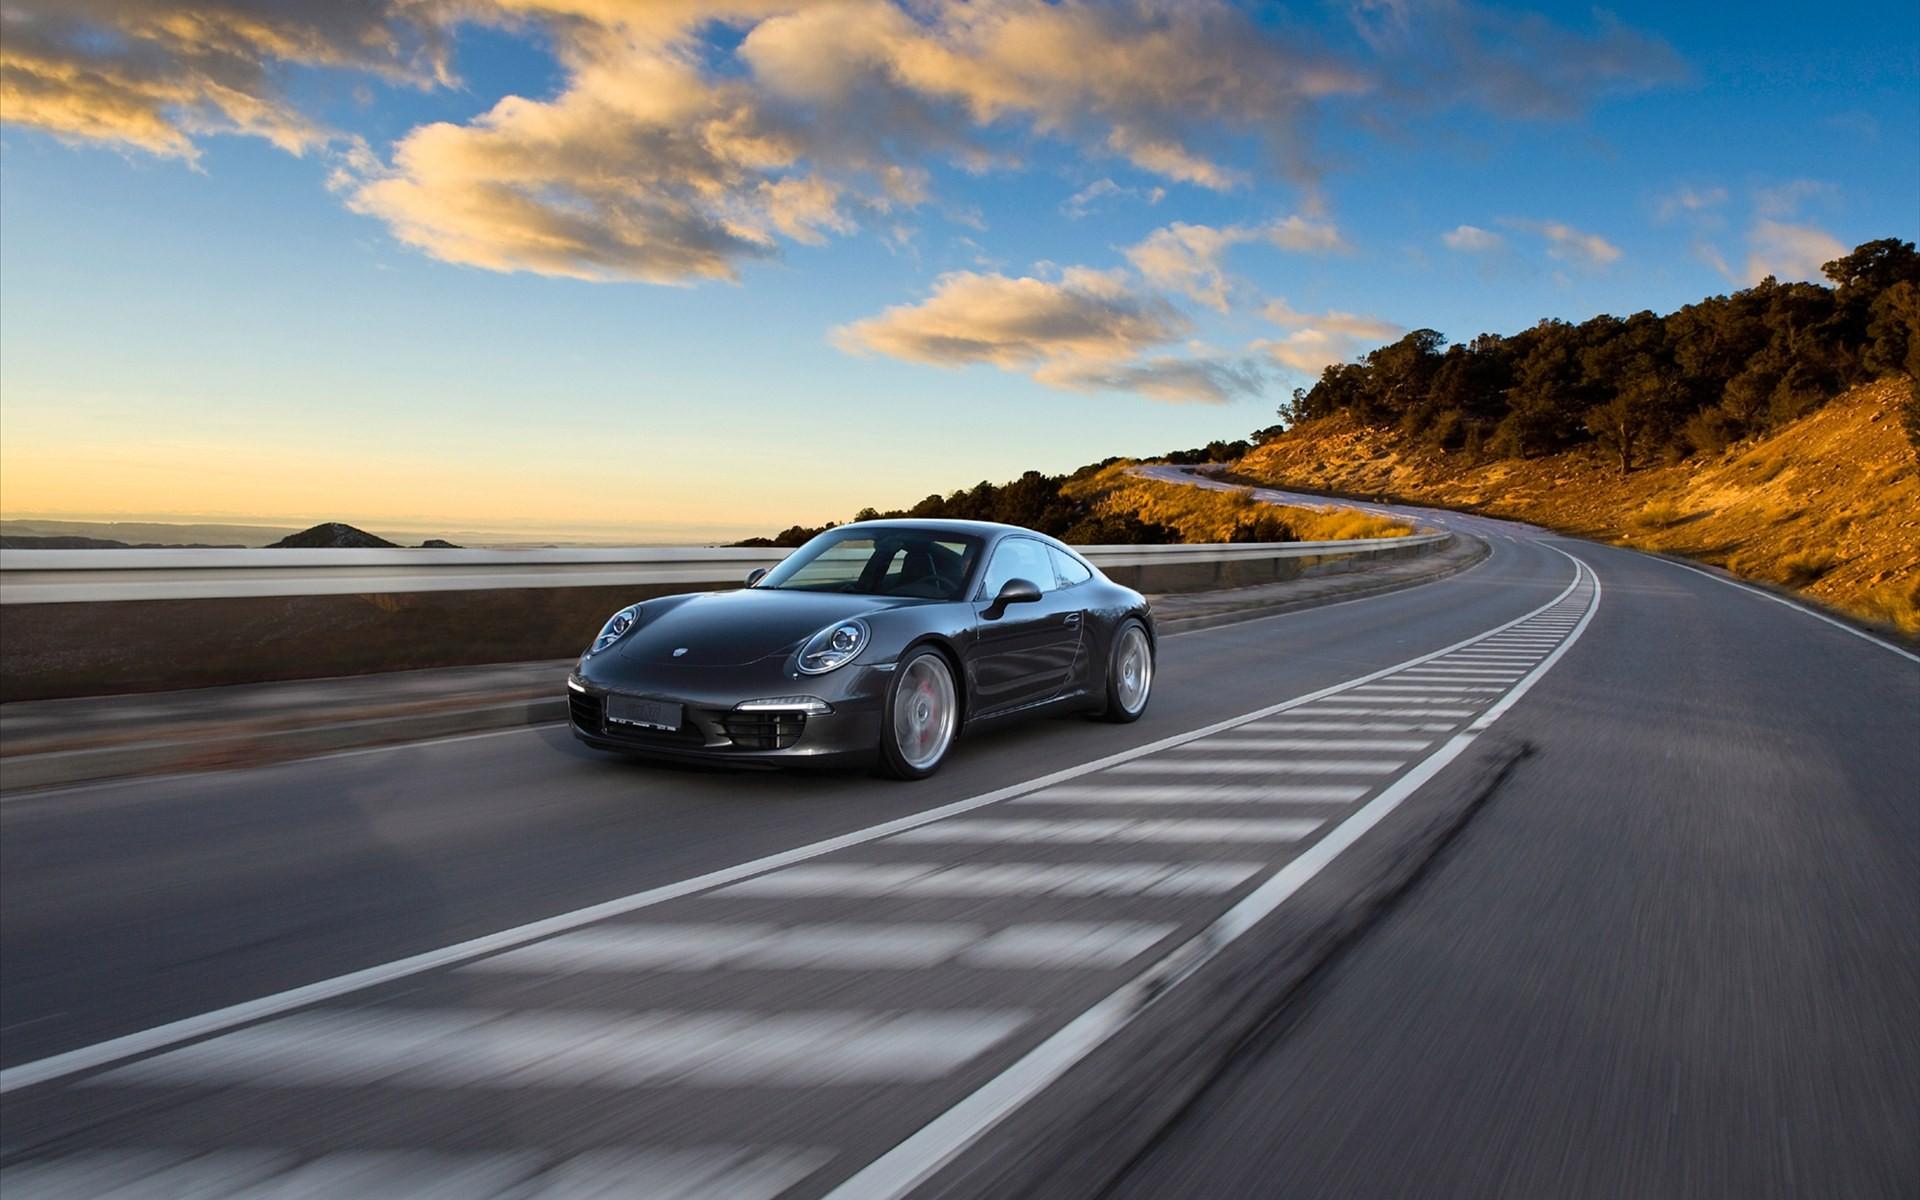 Porsche Boxster Wallpaper Hd Techart Porsche 911 2011 Wallpaper Hd Car Wallpapers